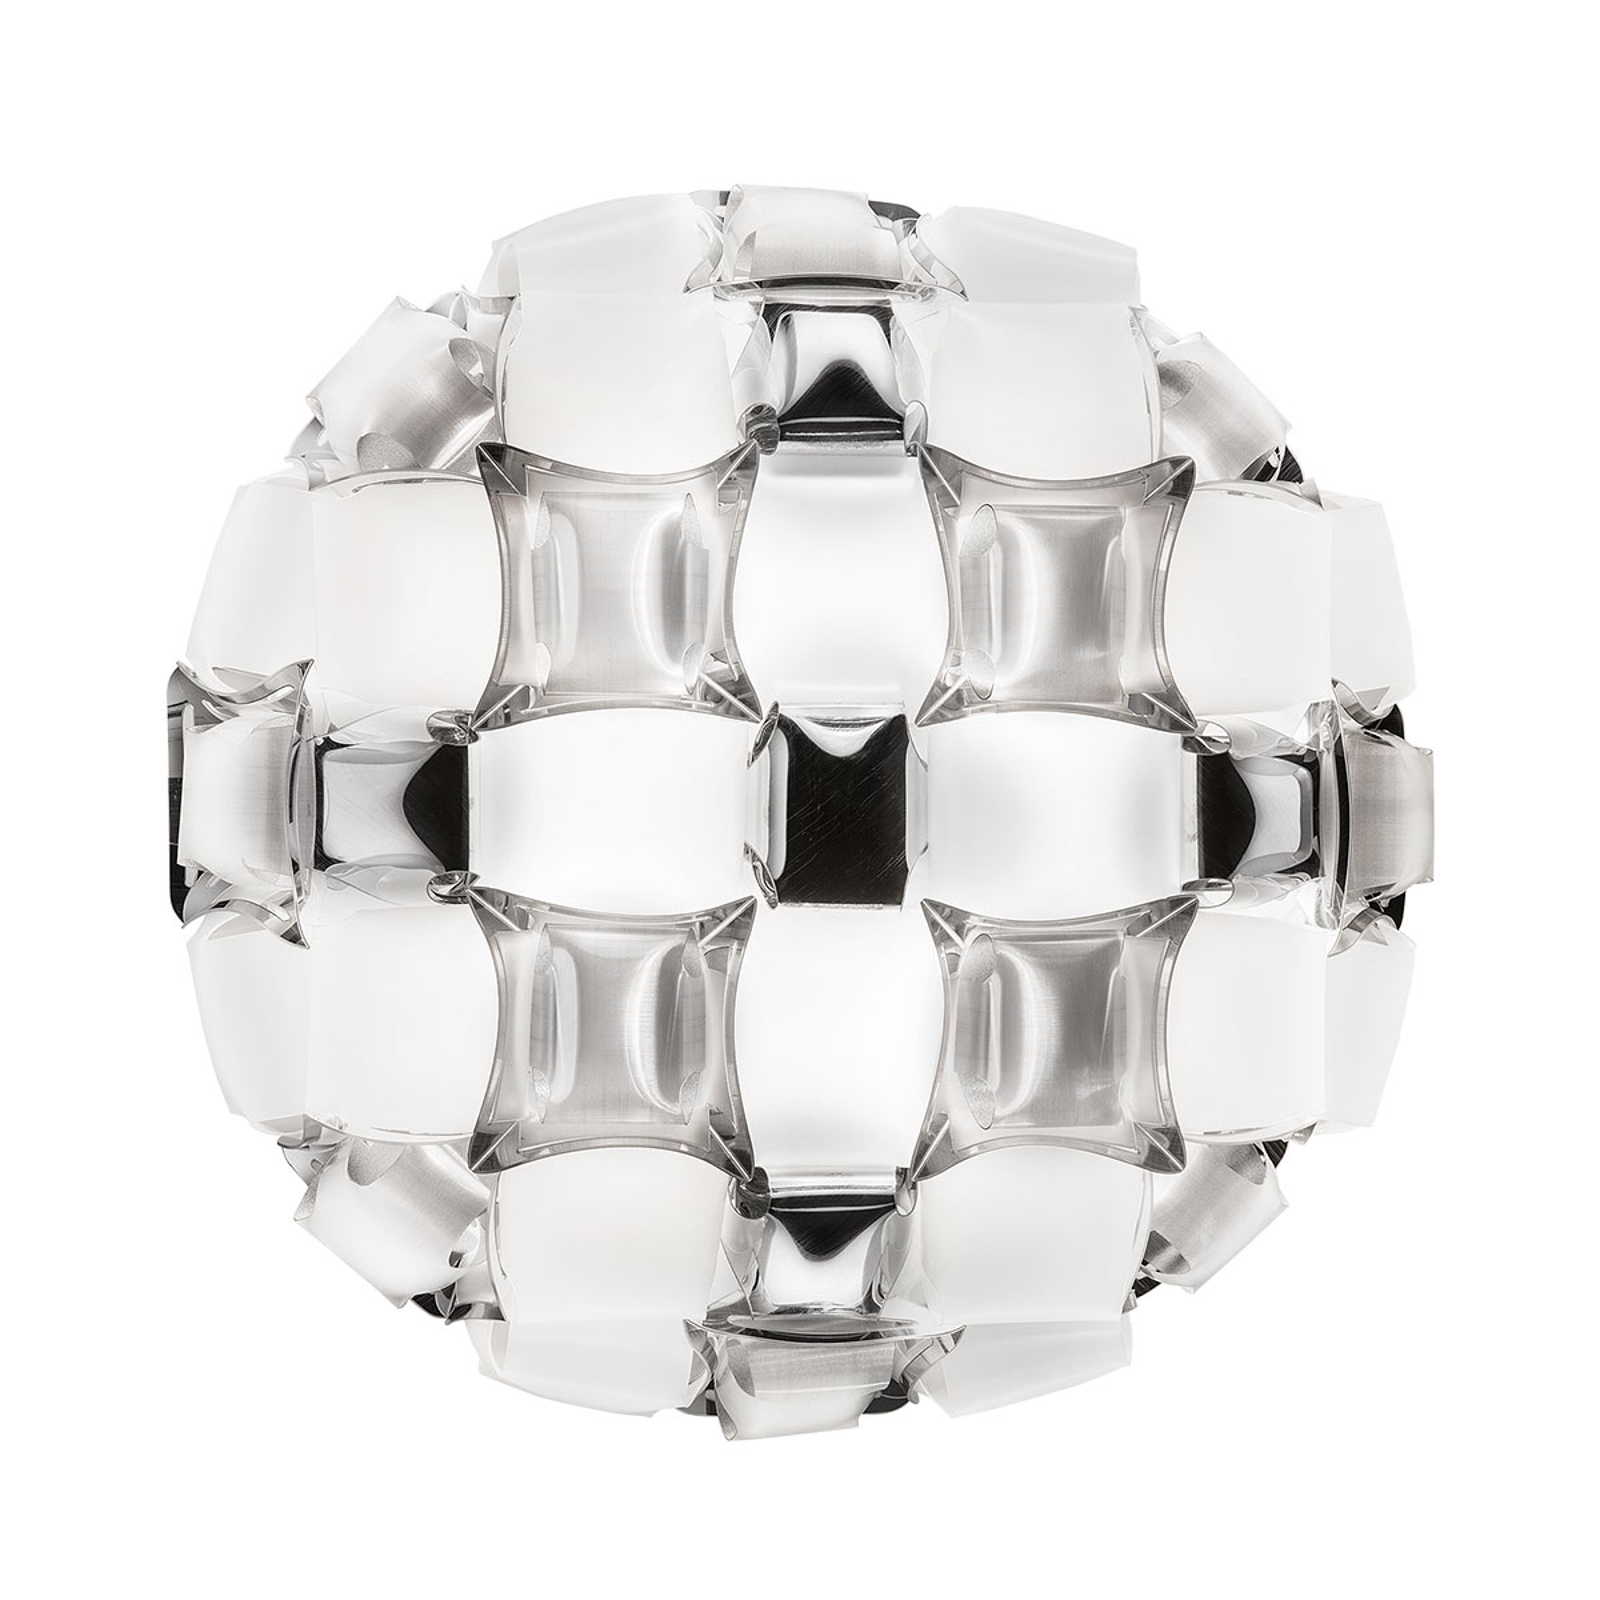 Slamp Mida Deckenleuchte, 50 cm, weiß-platin